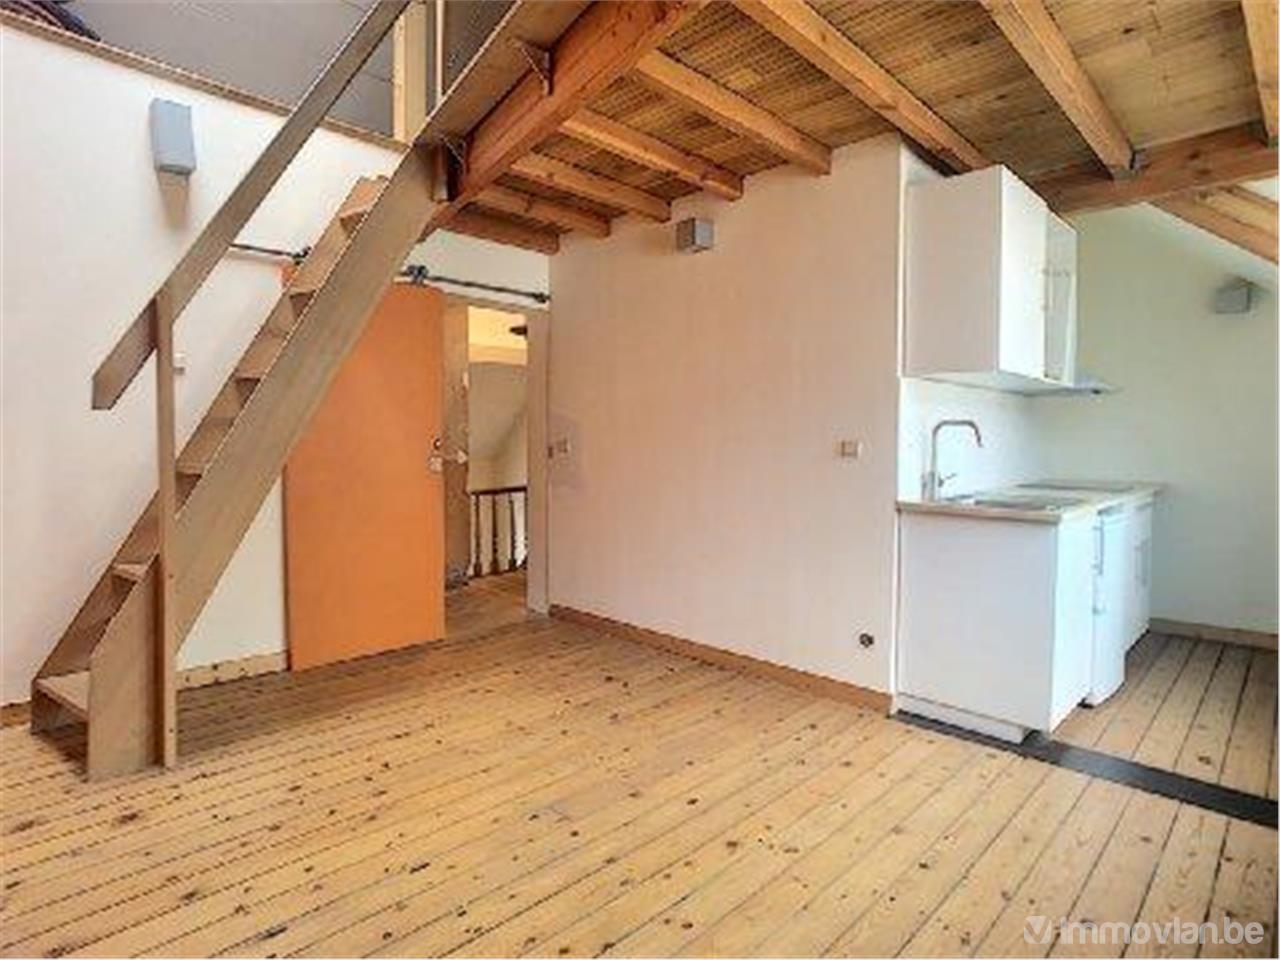 De 5 goedkoopste appartementen om te huren in Brussel